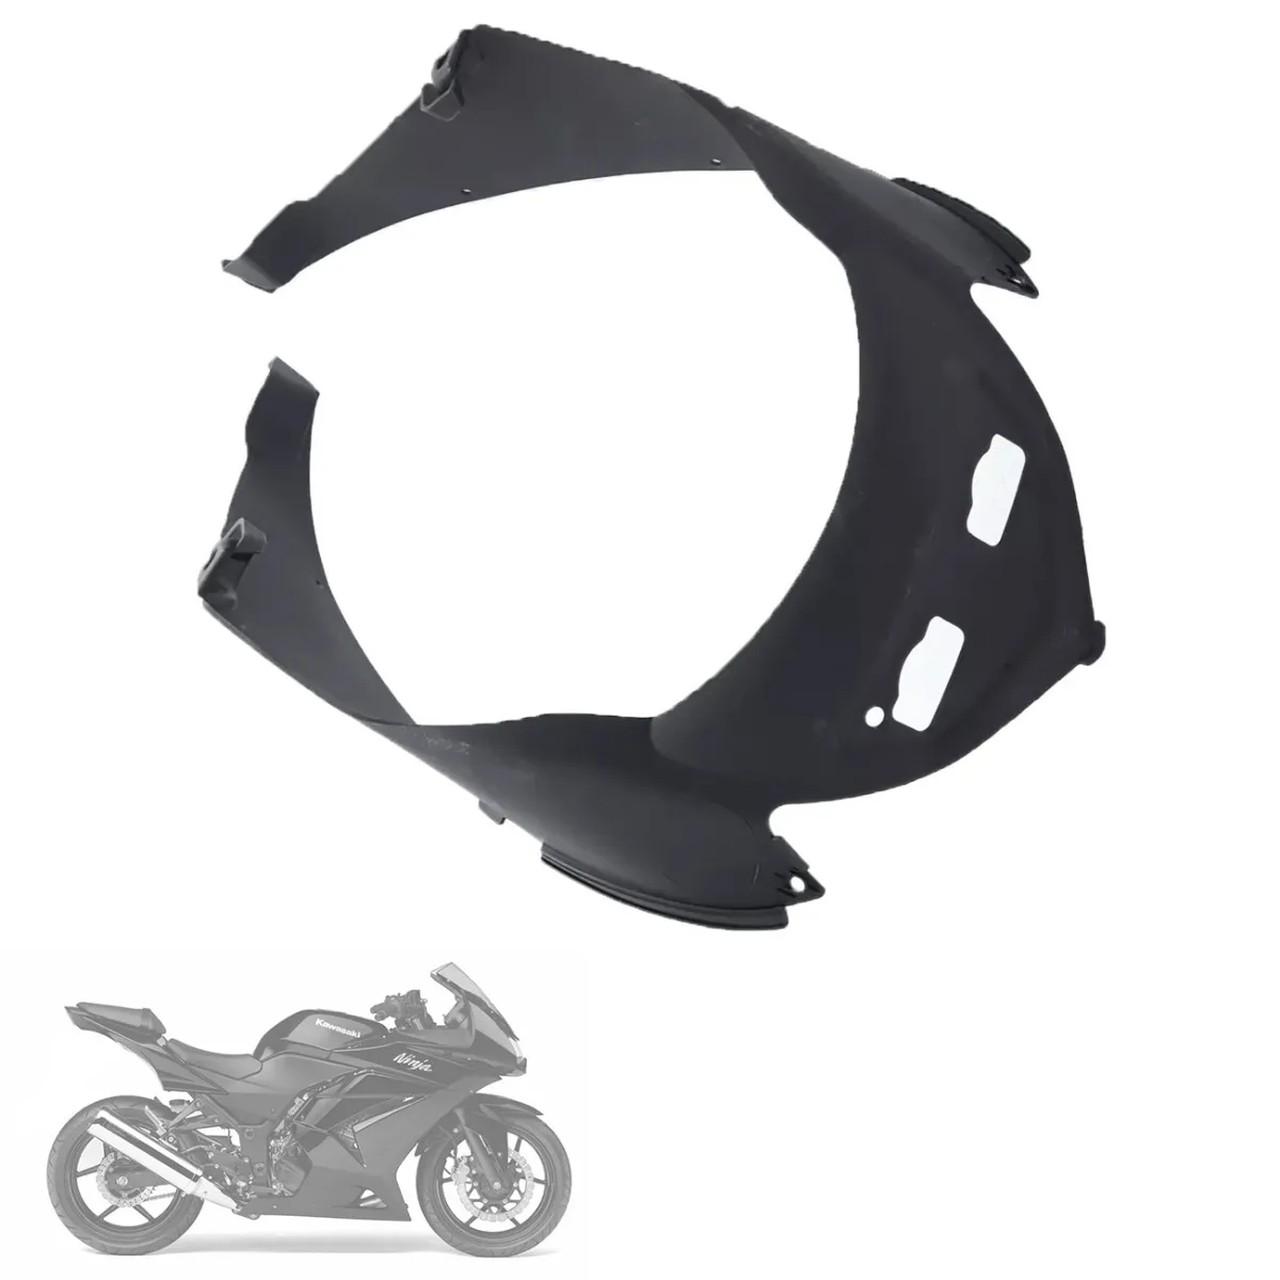 Acabamento do Radiador | Ninja 250